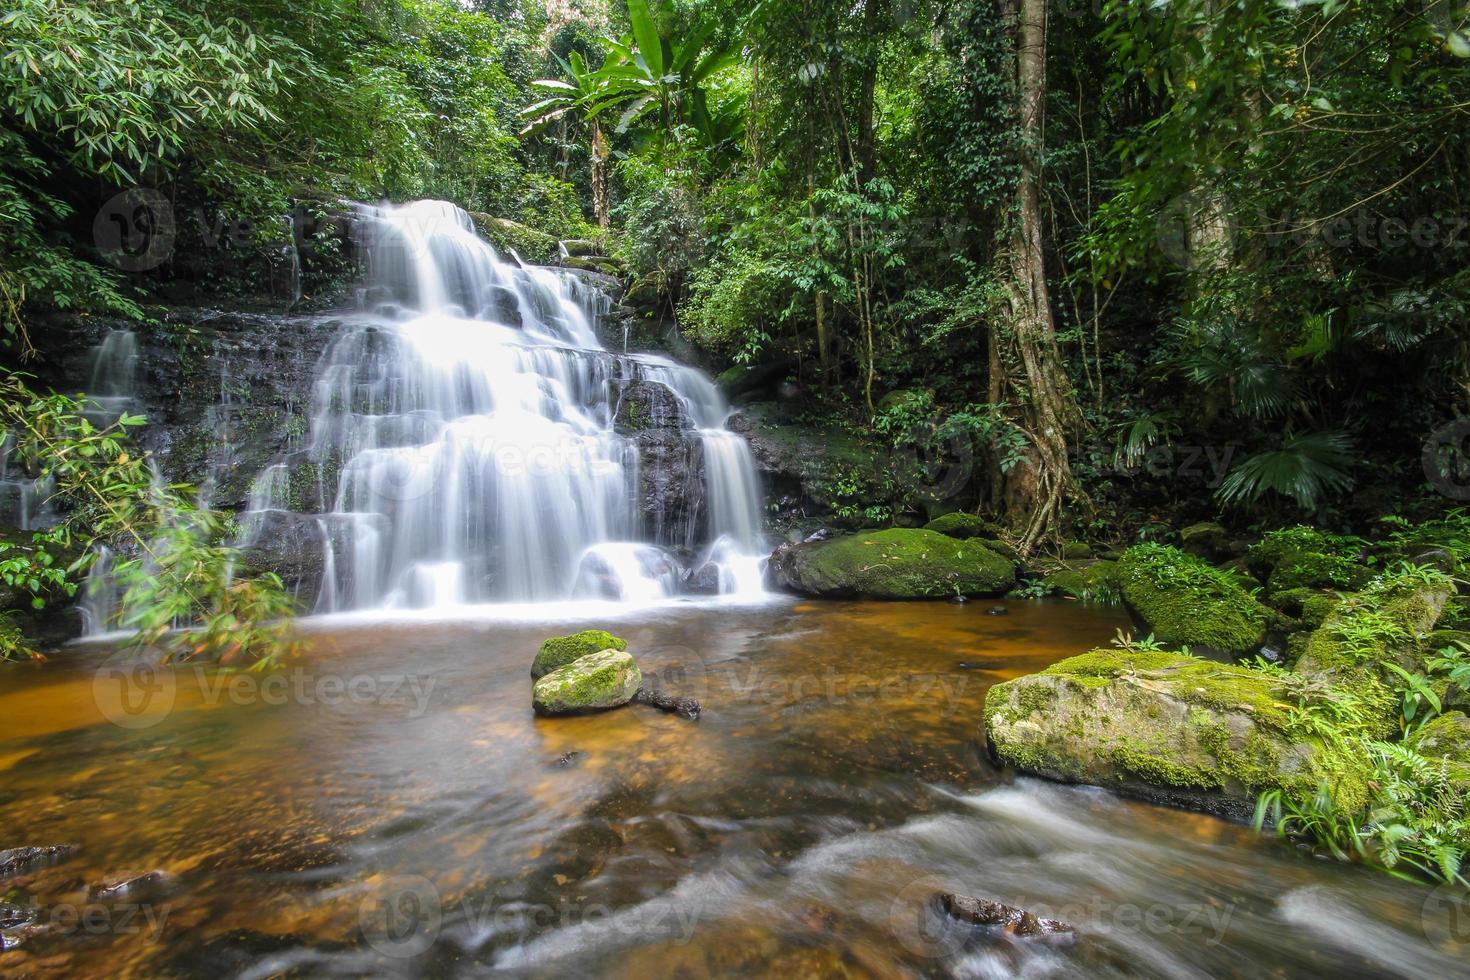 mun daeng waterval, phu hin rong kla nationaal park, thailand foto